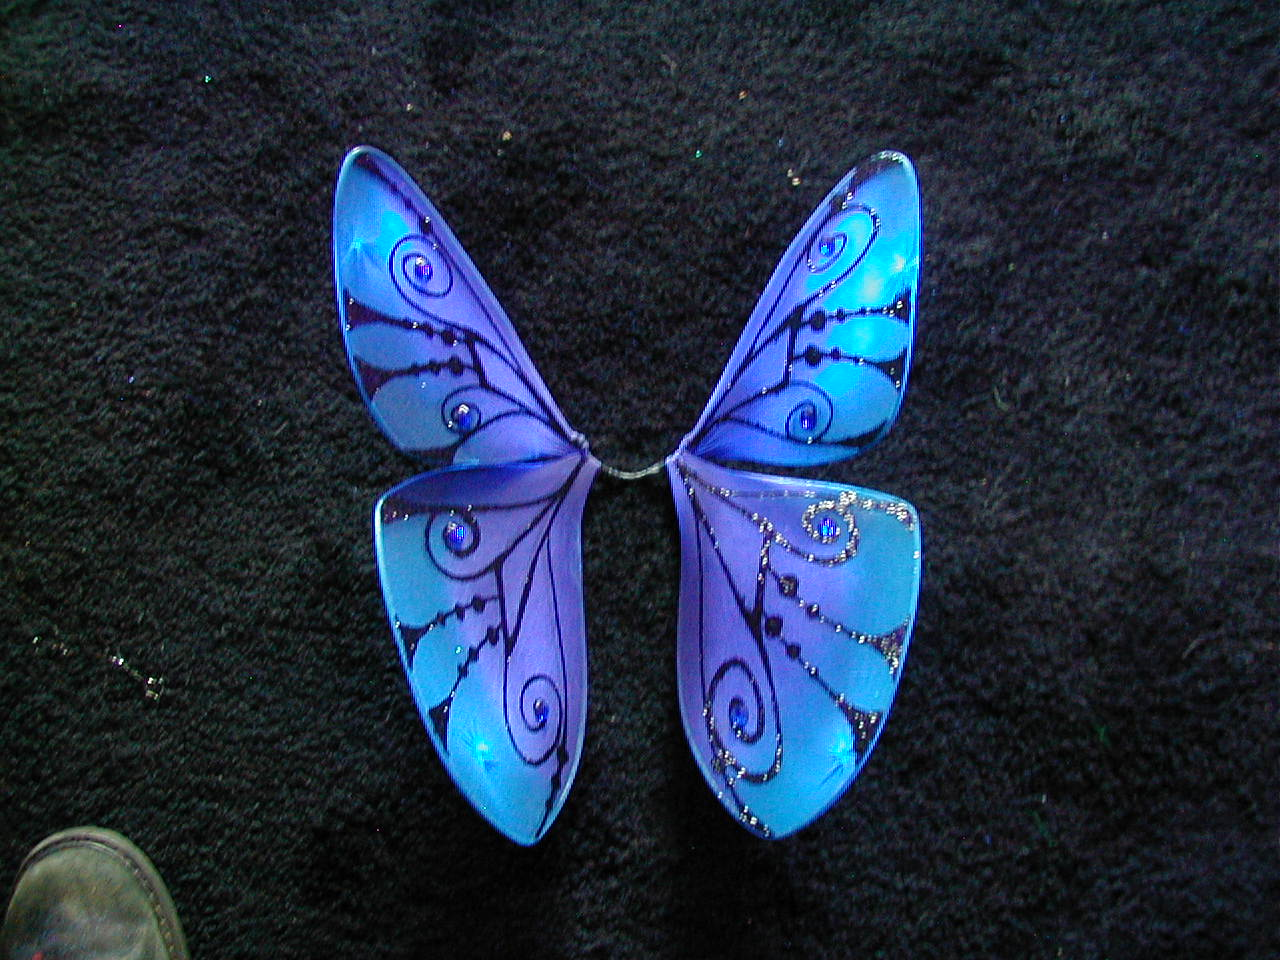 butterfly wings side view blue wwwimgkidcom the